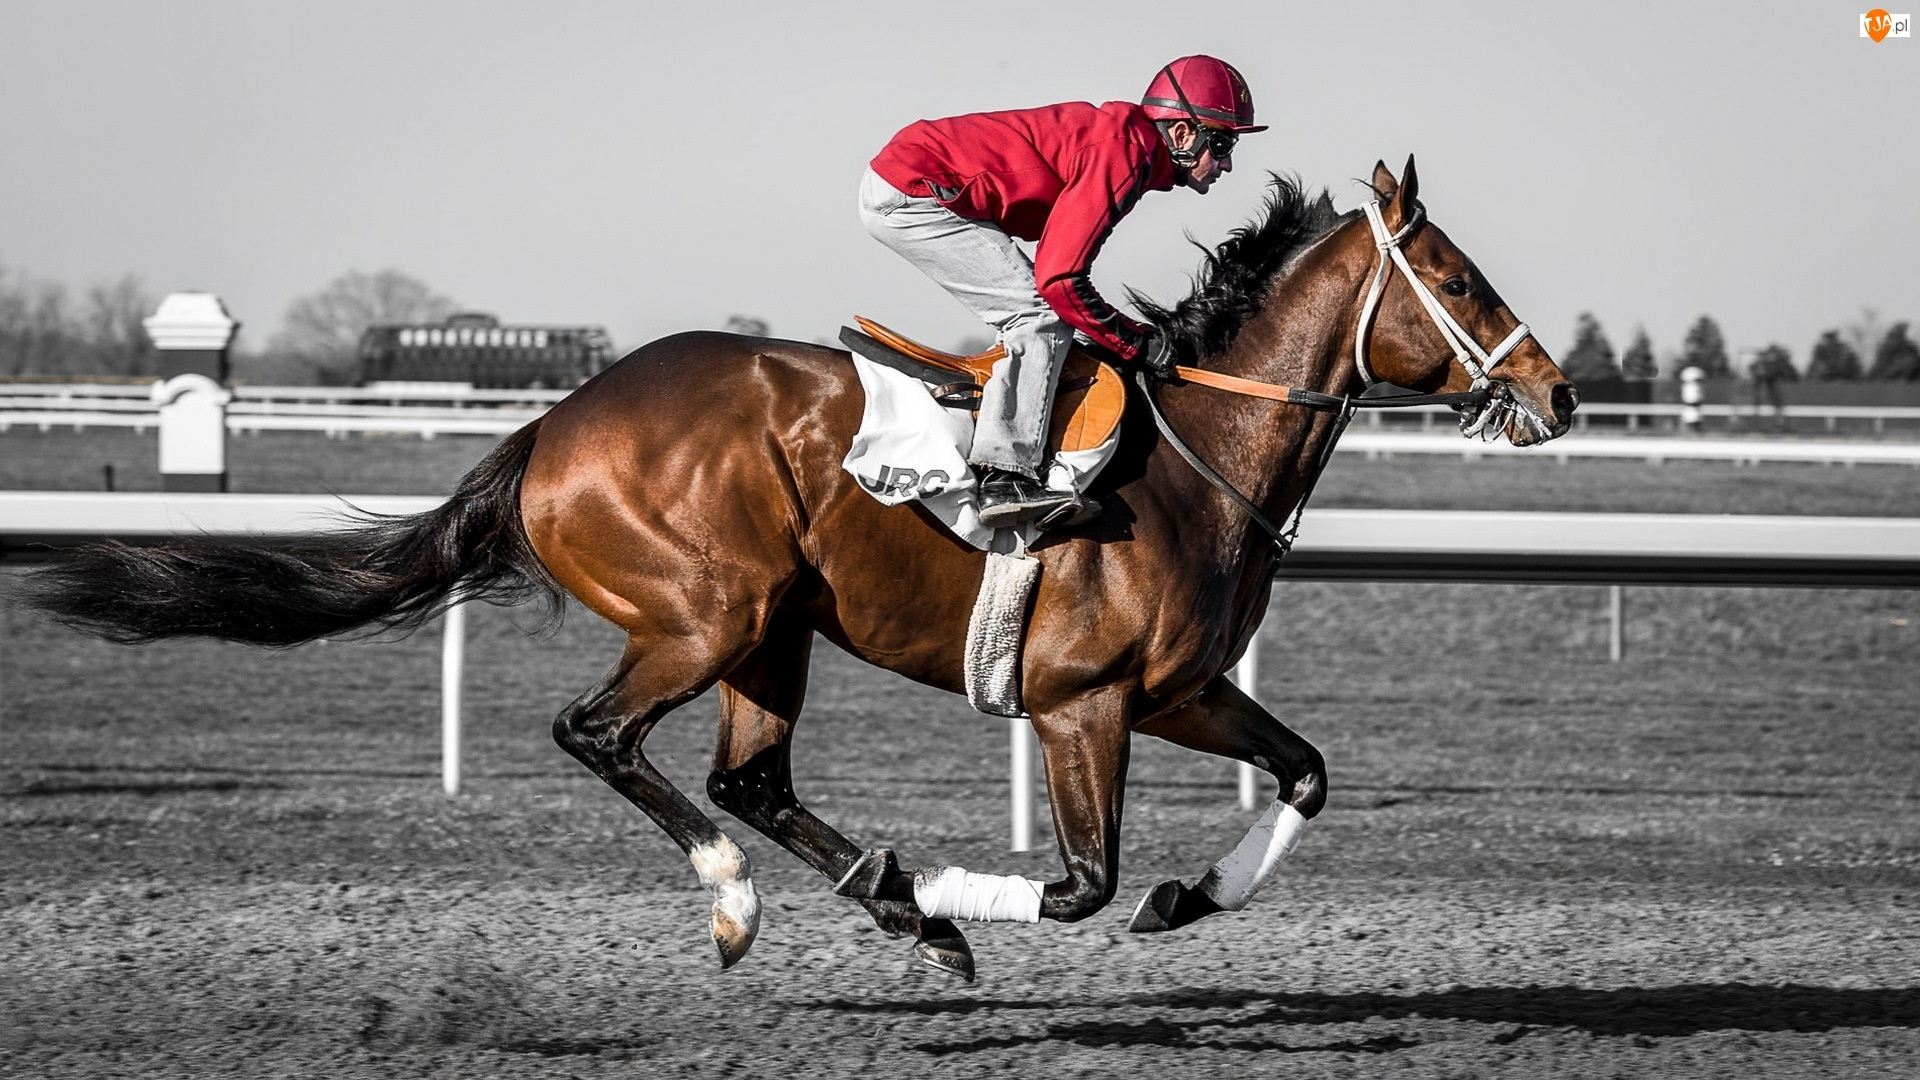 Wyścigi, Mężczyzna, Koń